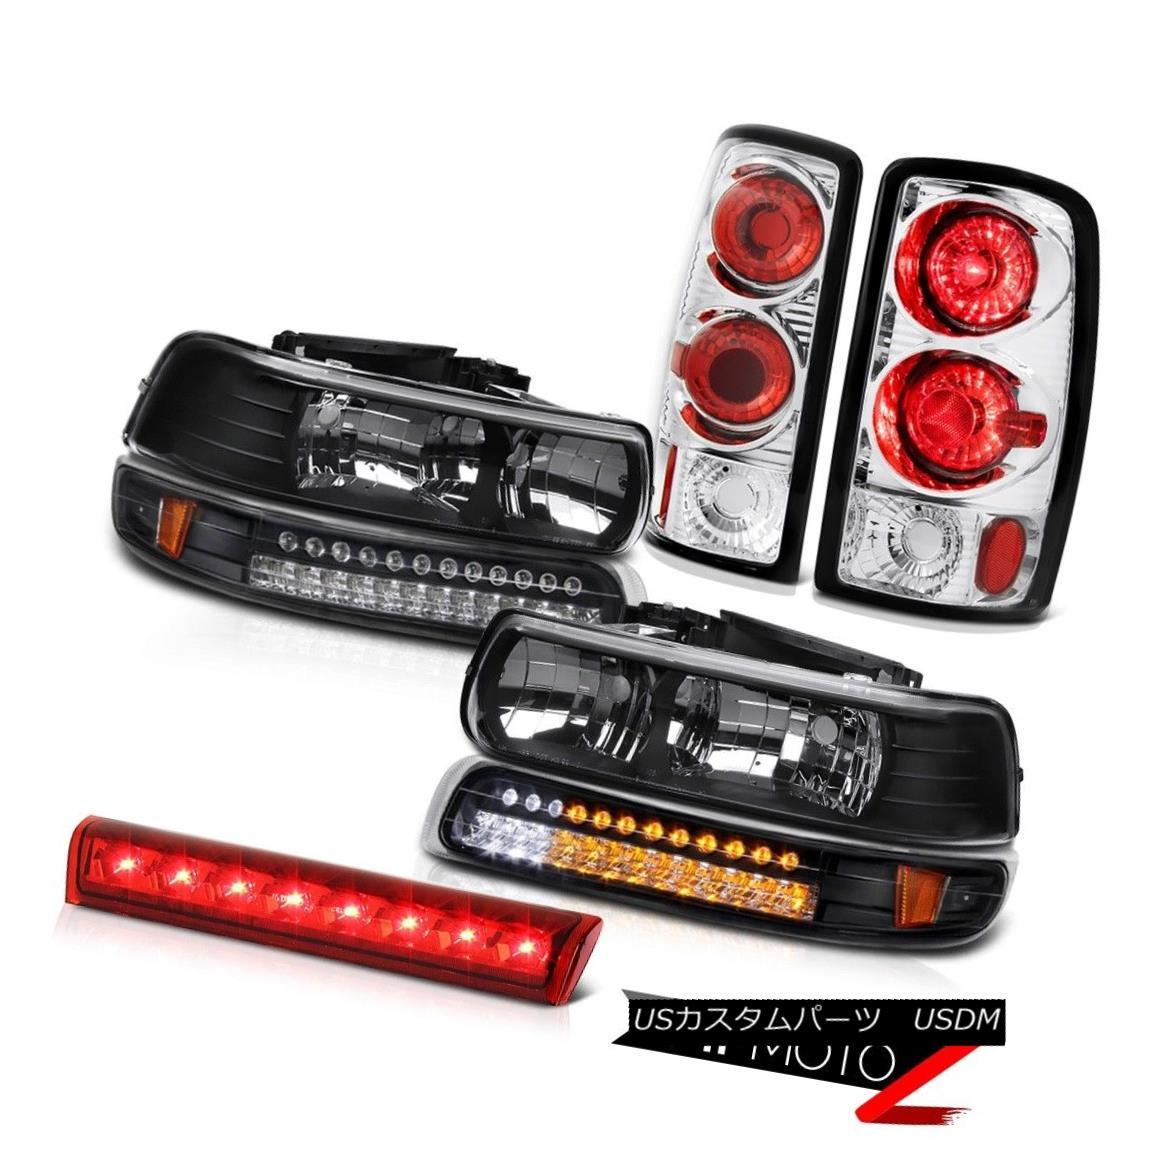 テールライト Satin Black Headlamps SMD Tail Lights 3rd Red 00 01 02 03 04 05 06 Suburban 8.1L サテンブラックヘッドランプSMDテールライト3rd Red 00 01 02 03 04 05 06郊外8.1L